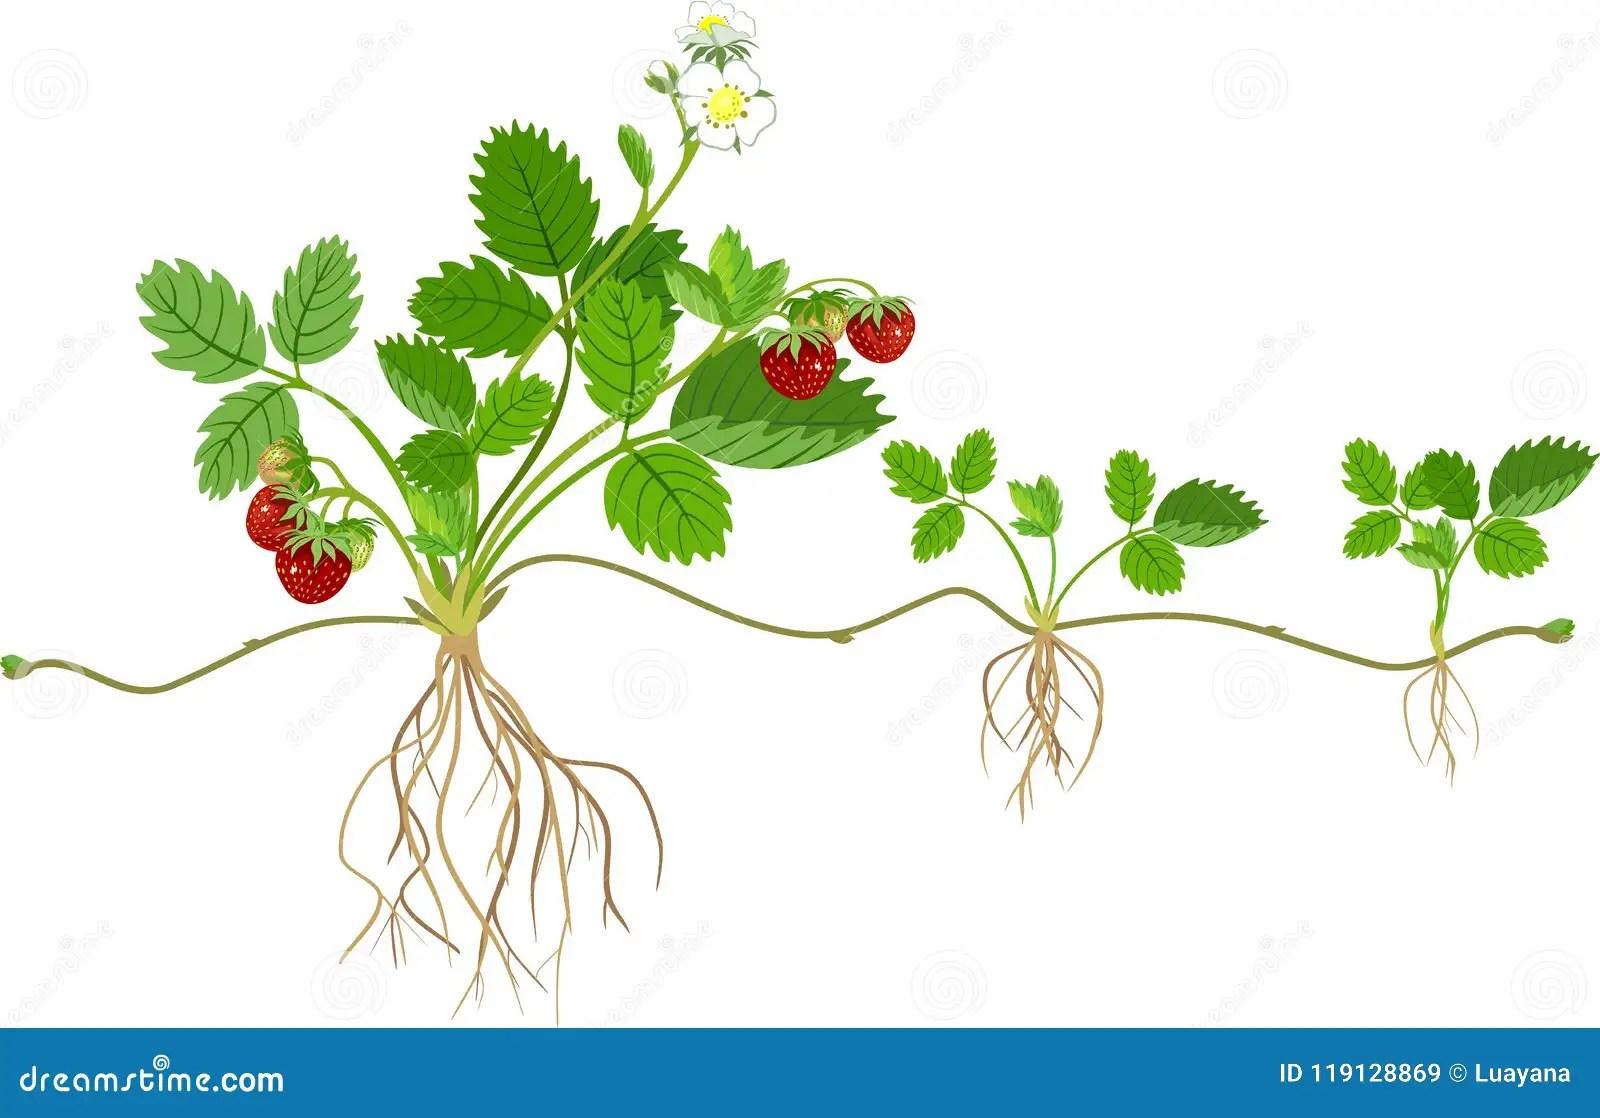 Morphology Of Garden Strawberry Plant Stock Vector